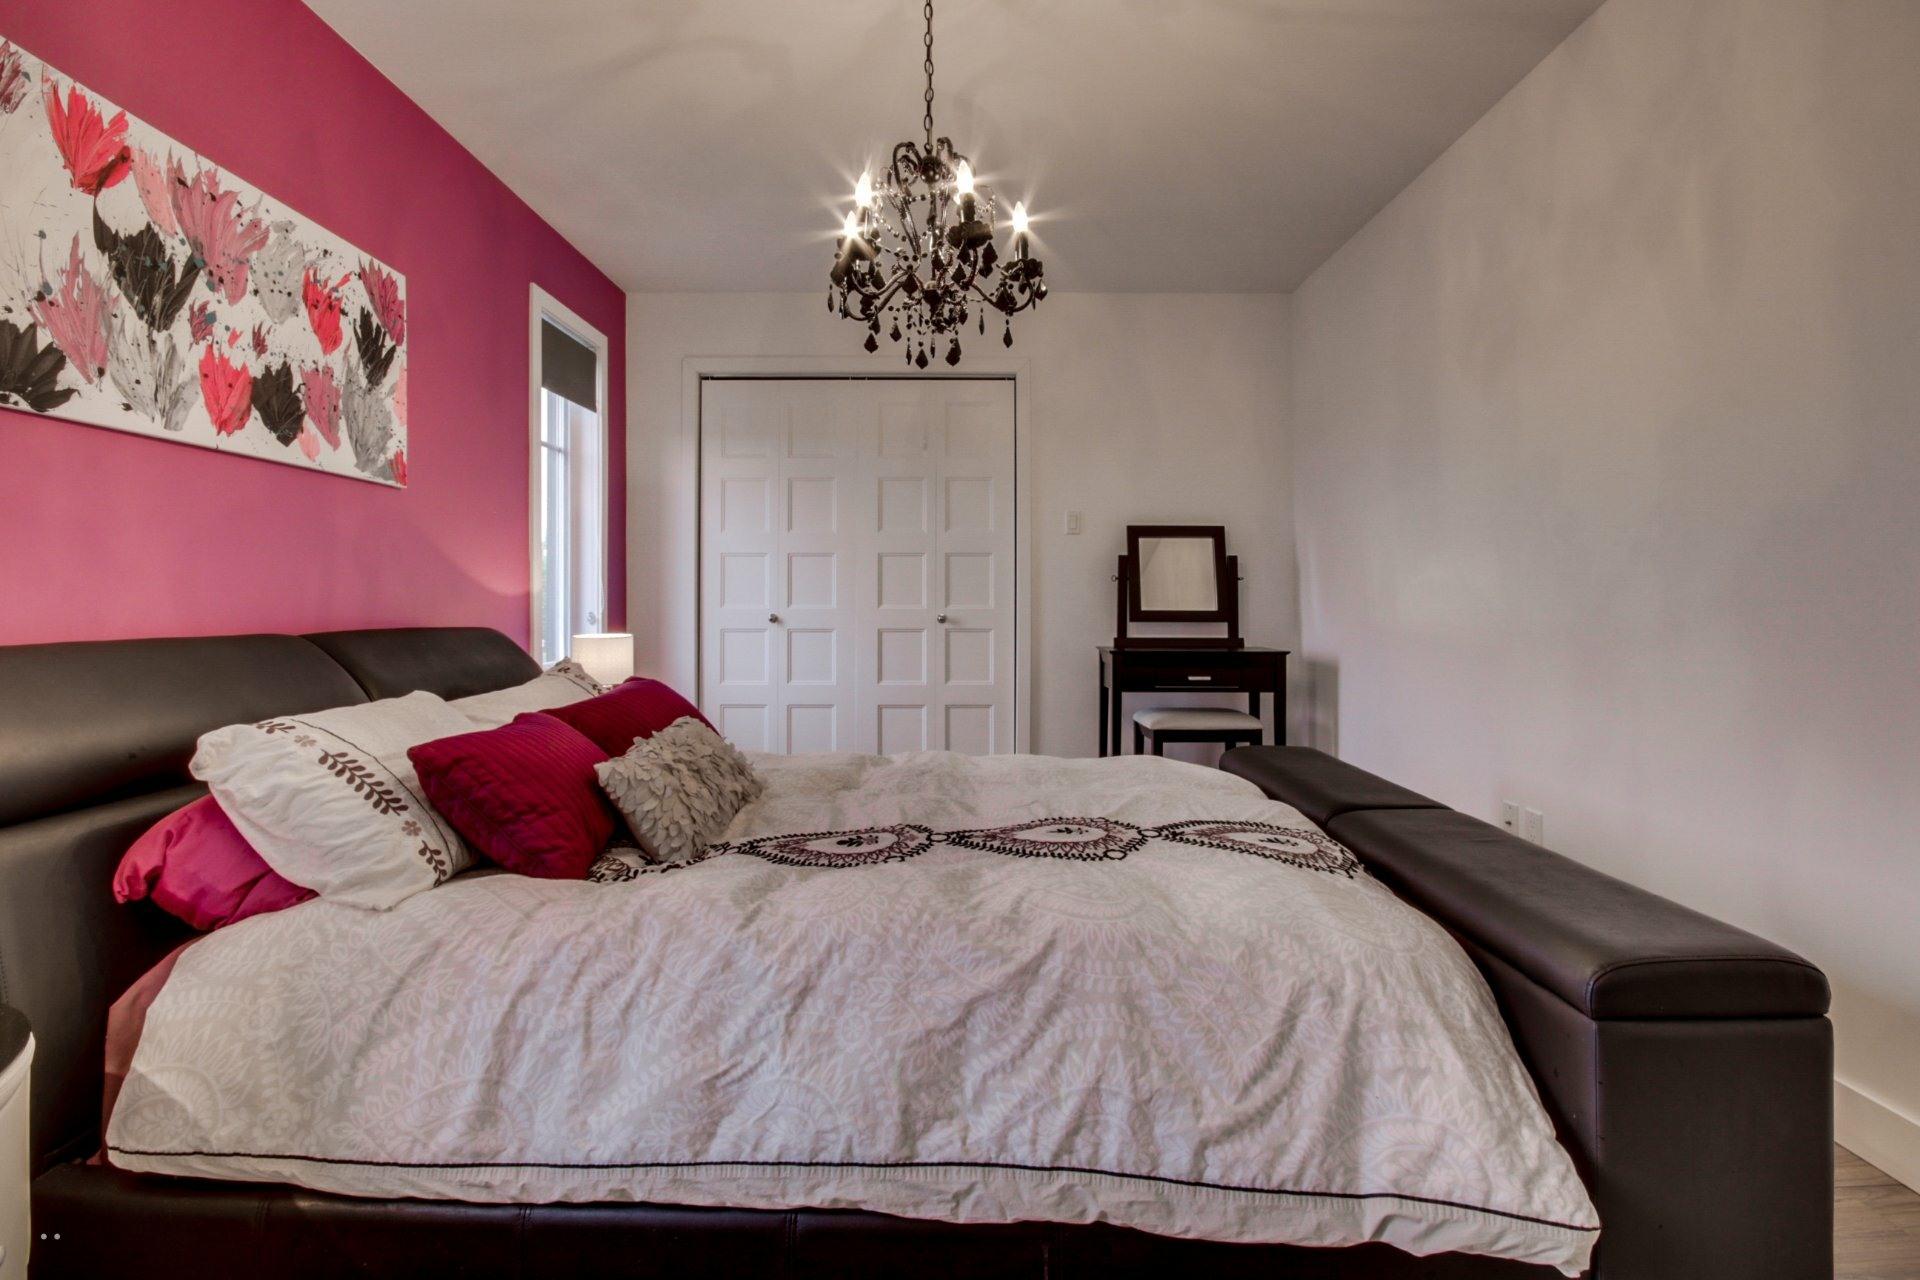 image 30 - Appartement À vendre Trois-Rivières - 7 pièces